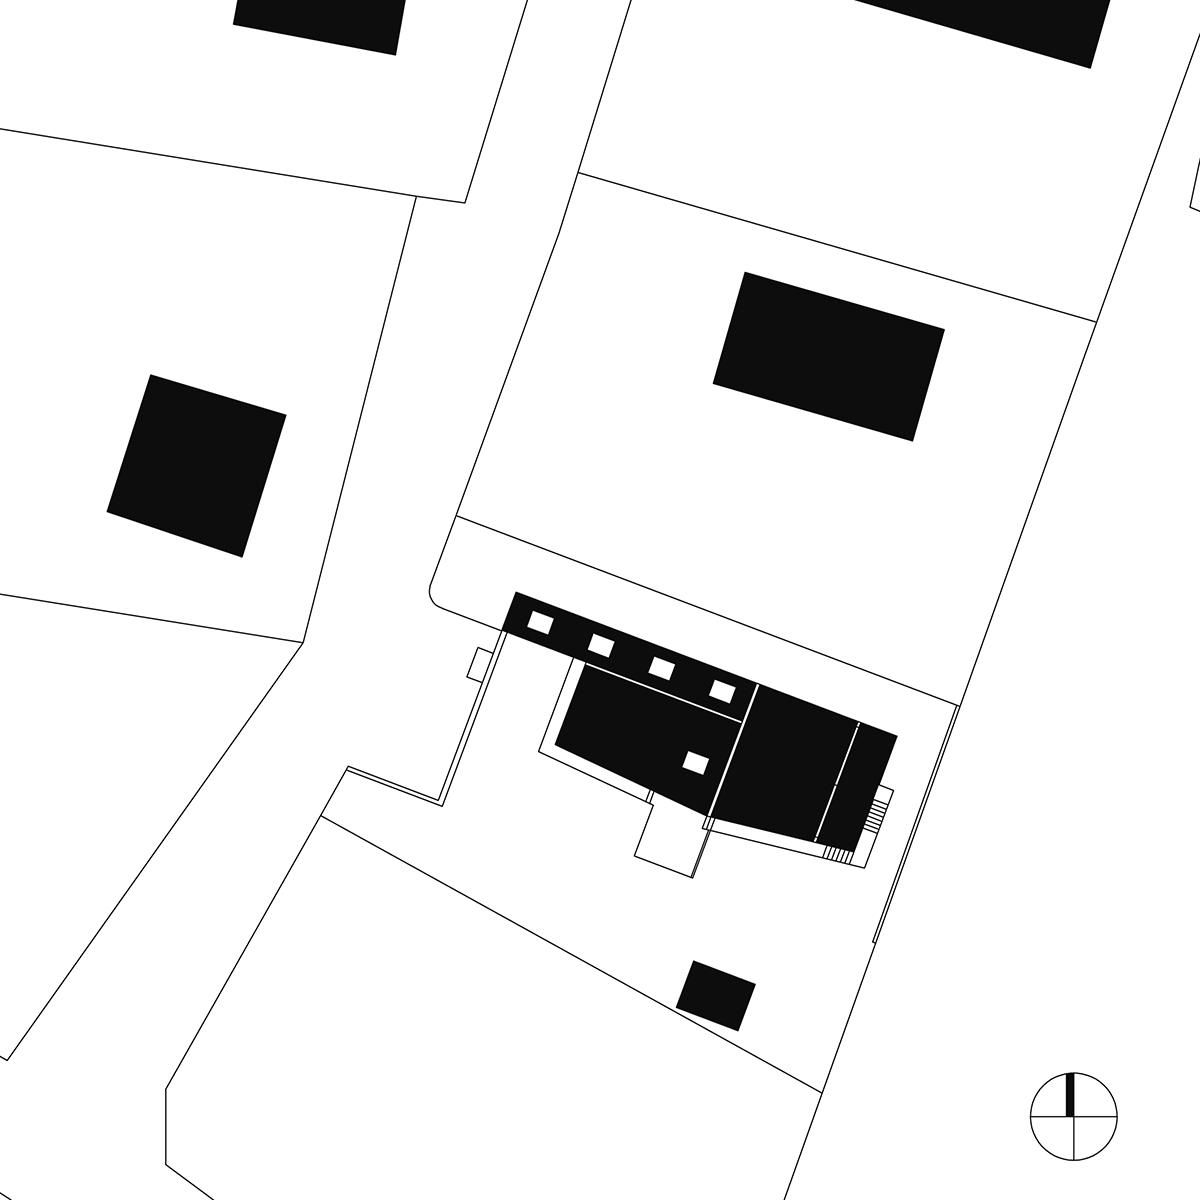 Lageplan, Haus am Berg, architekt, hanghaus, haus am hang, architektur, architektenhaus, gramastetten